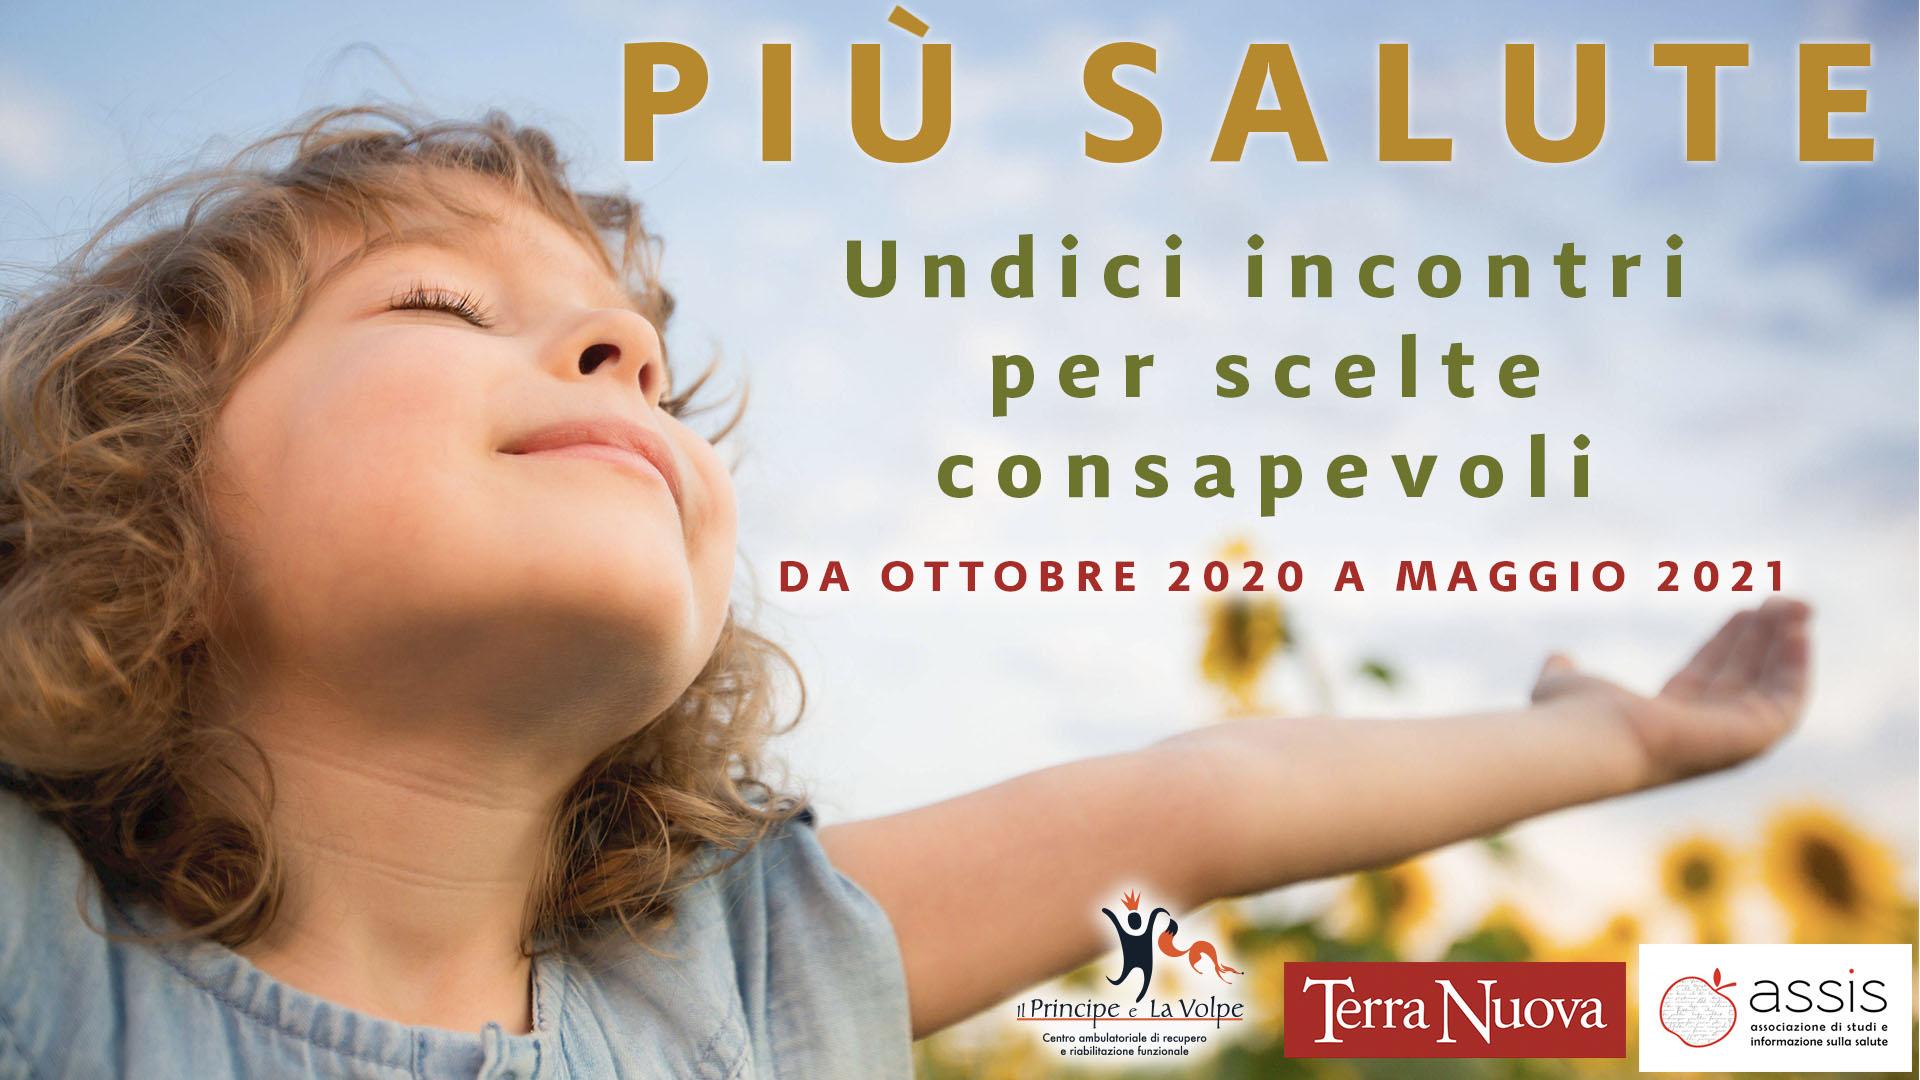 Piusalute Undici Incontri Per Scelte Consapevoli Terra Nuova